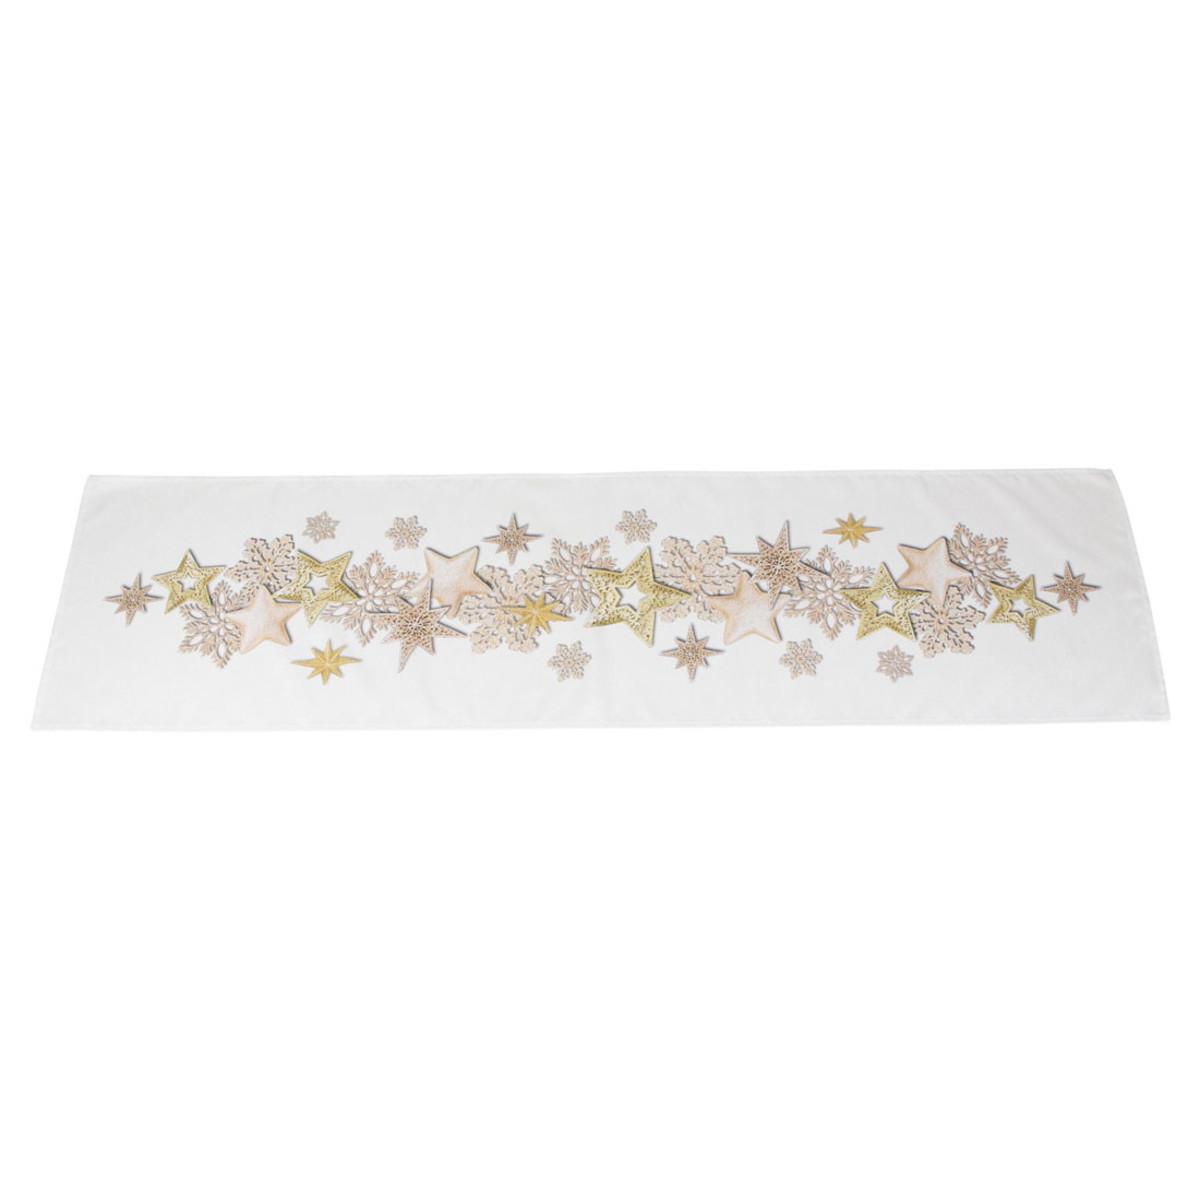 Дорожка на стол Хит-декор Золотой хоровод 07705 140х40 см